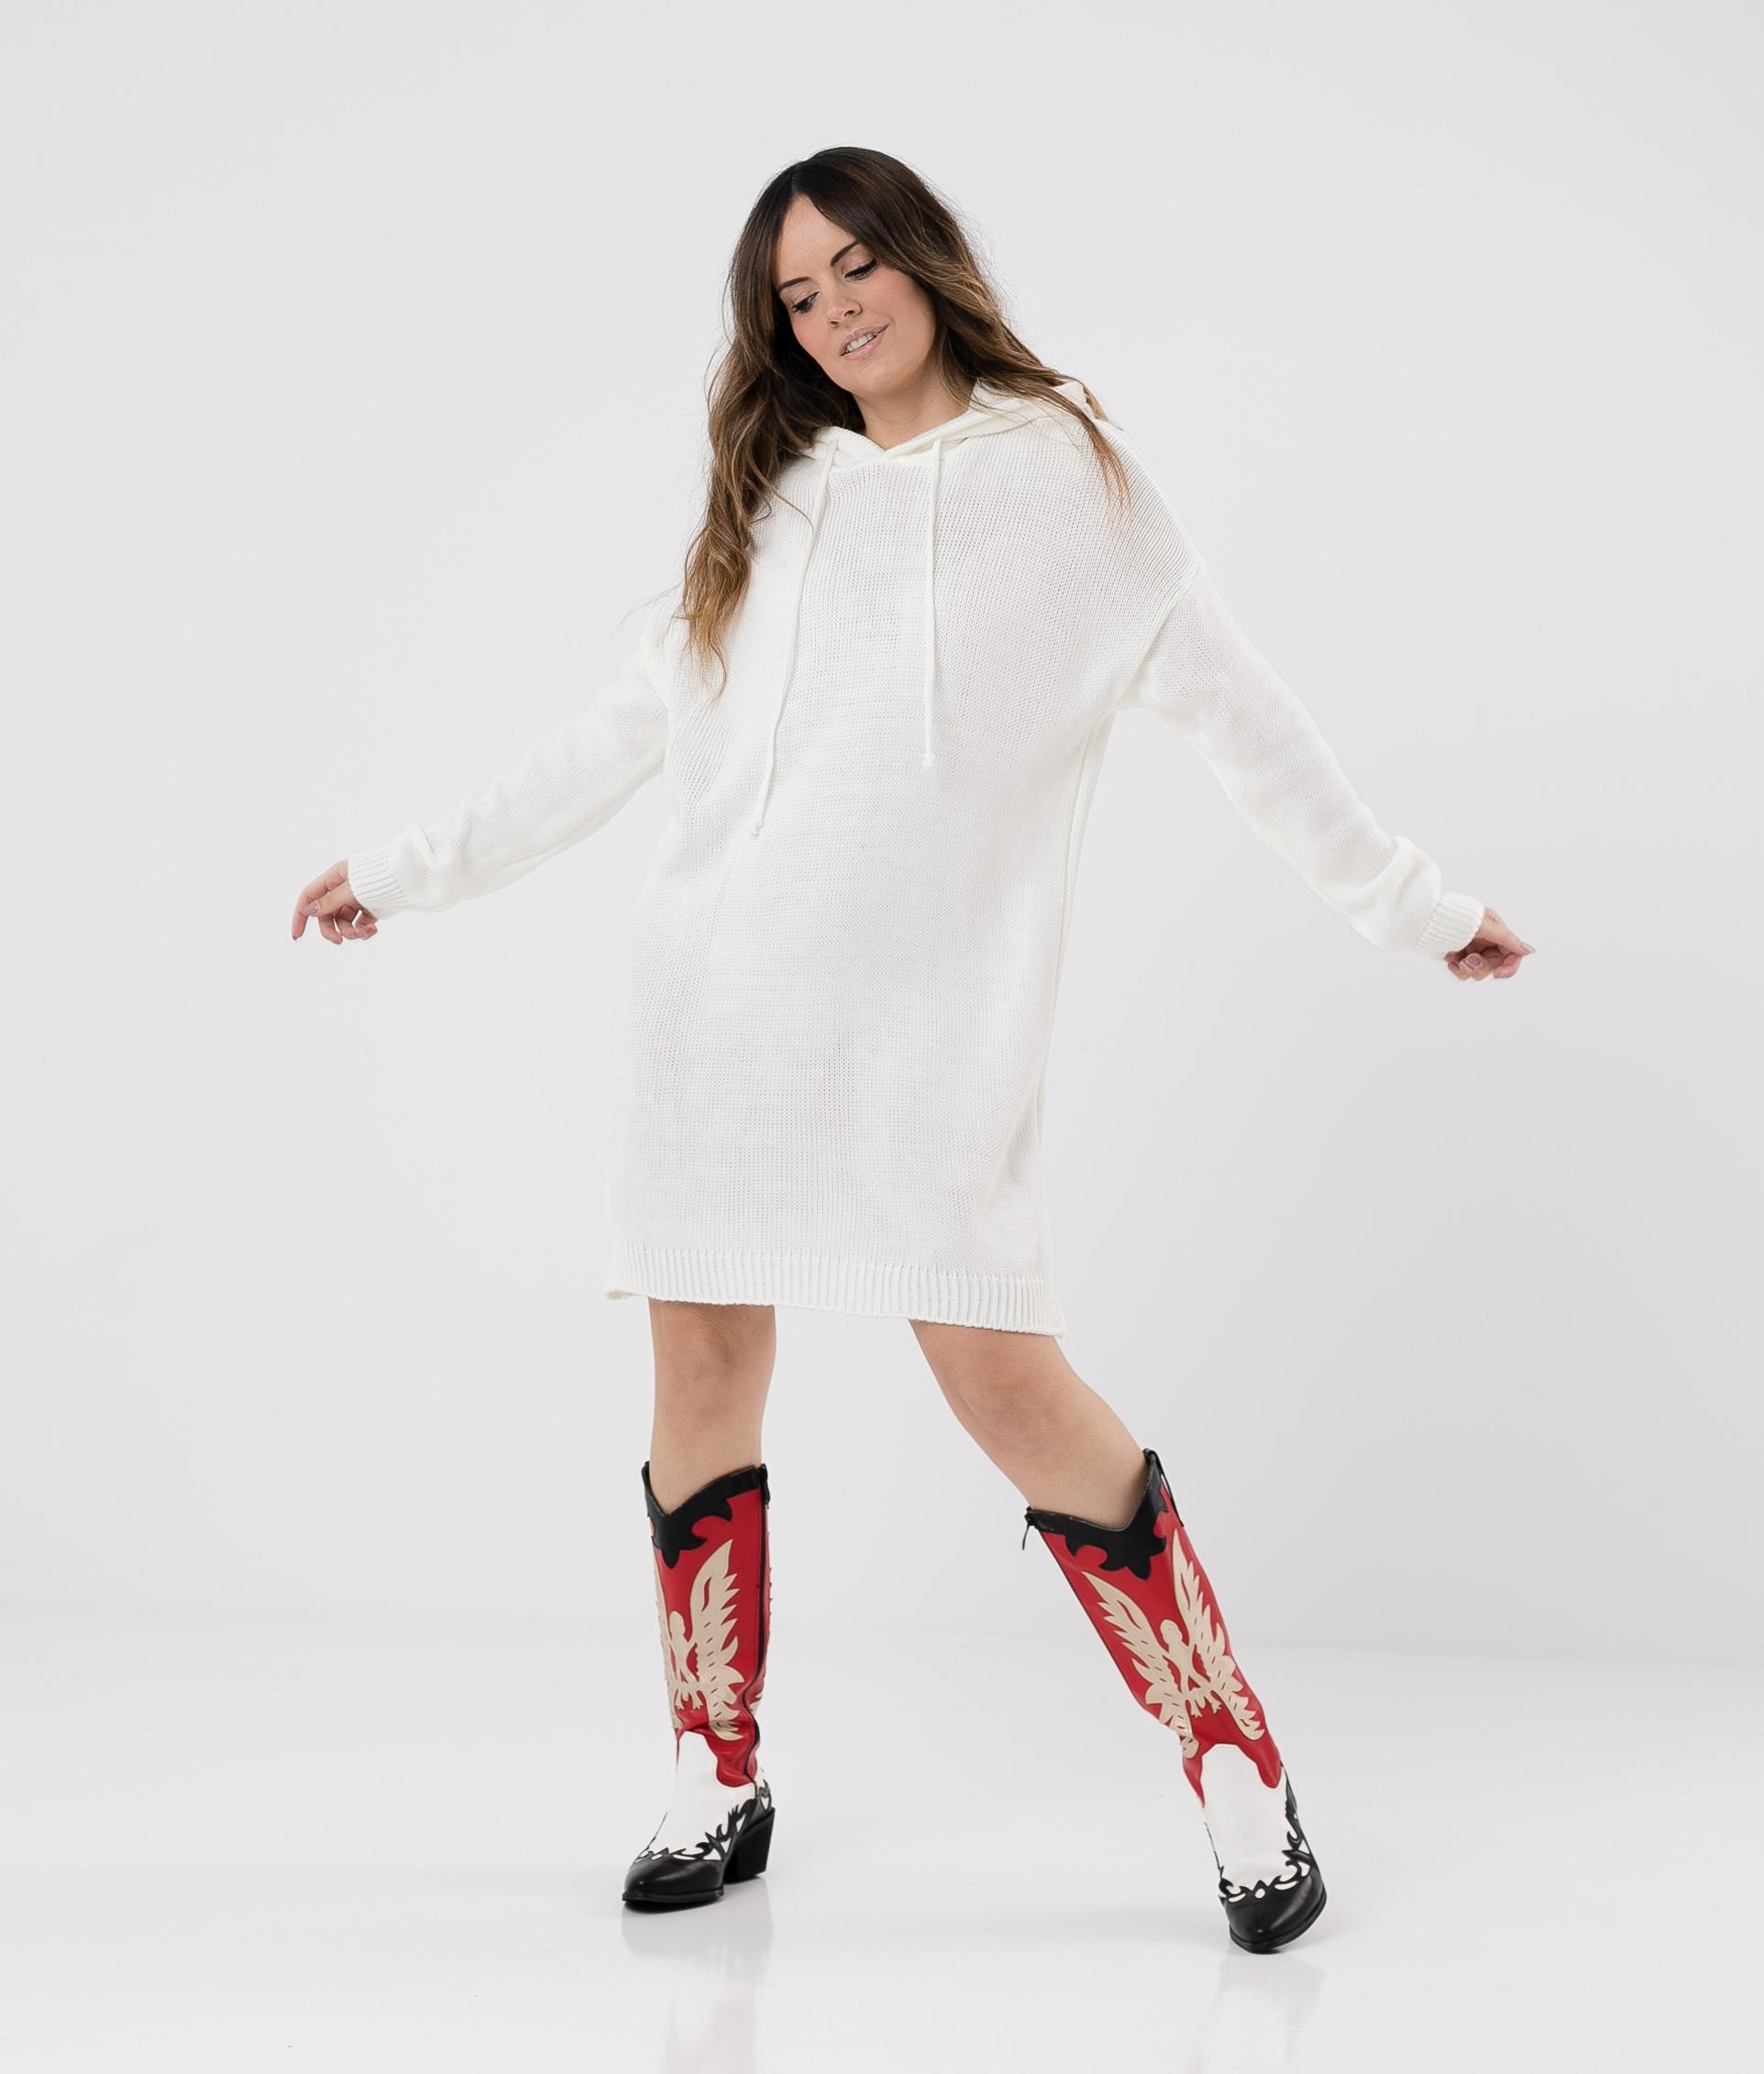 DRESS BERA - WHITE